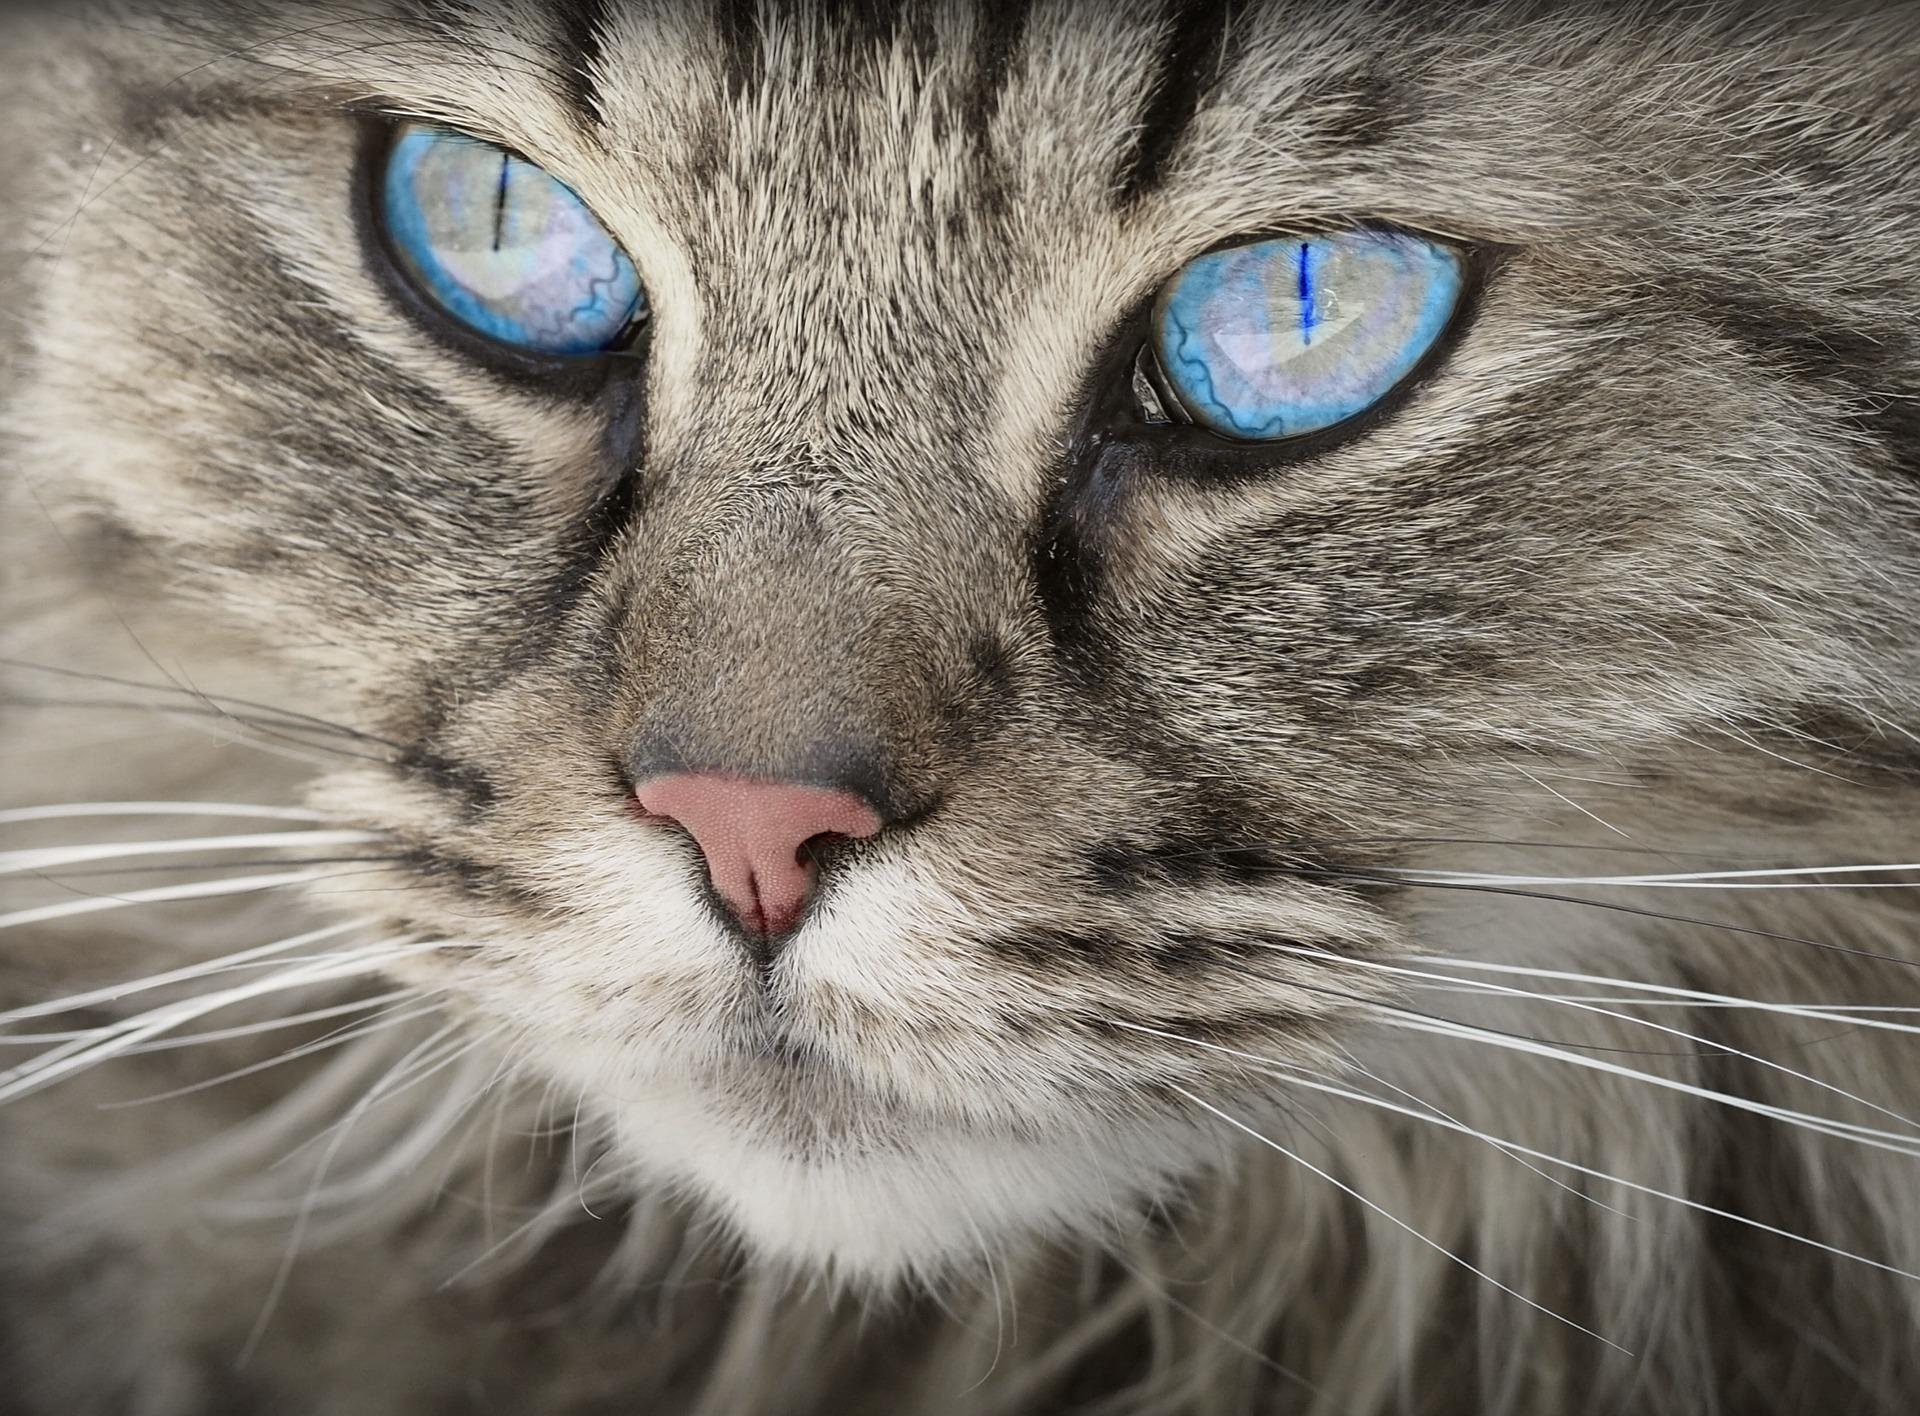 gatto, felino, viso, occhi, Blu, Animale domestico - Sfondi HD - Professor-falken.com